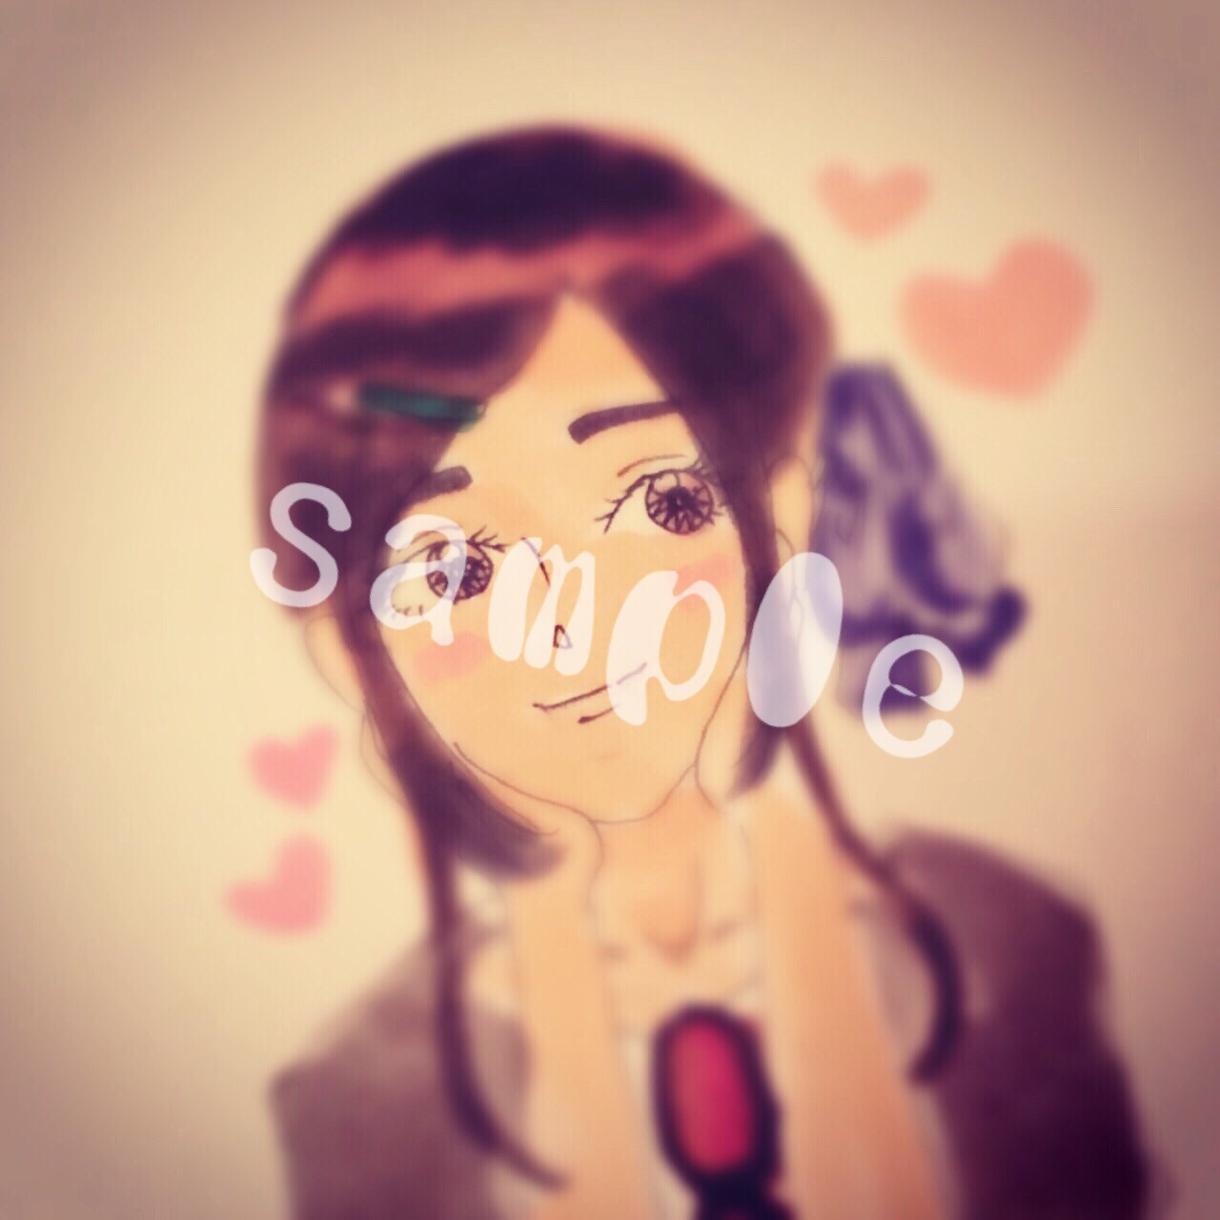 アナタのイメージにあうようにアイコン、キャラクター、イラスト描きます